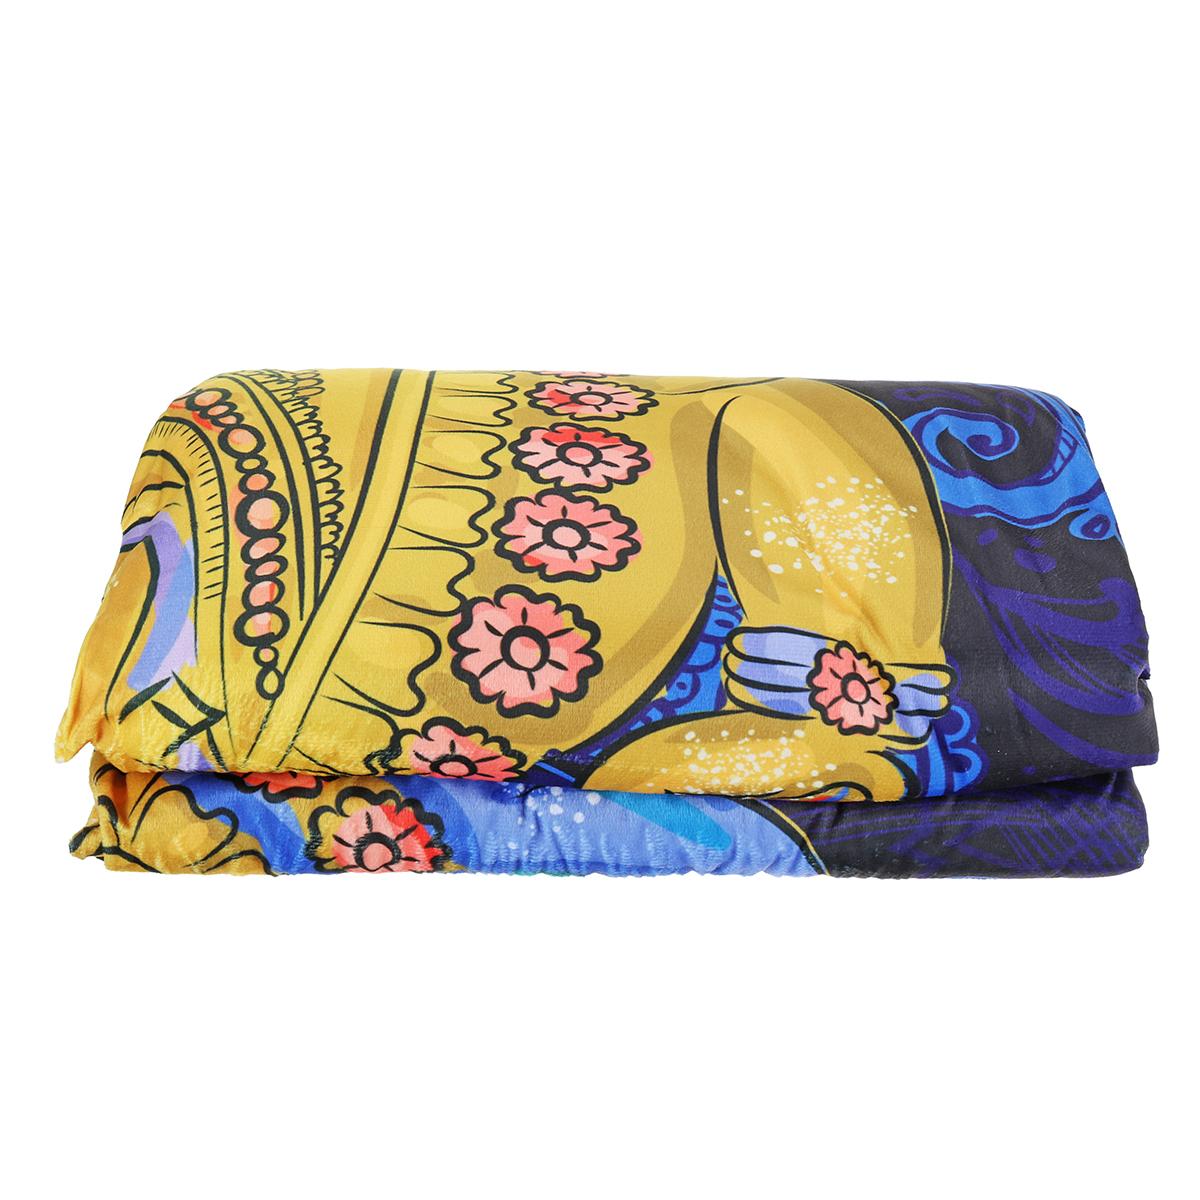 MantasdetiroencapuchadoIndianGanesha Wearable Soft cálido sofá cama cubierta